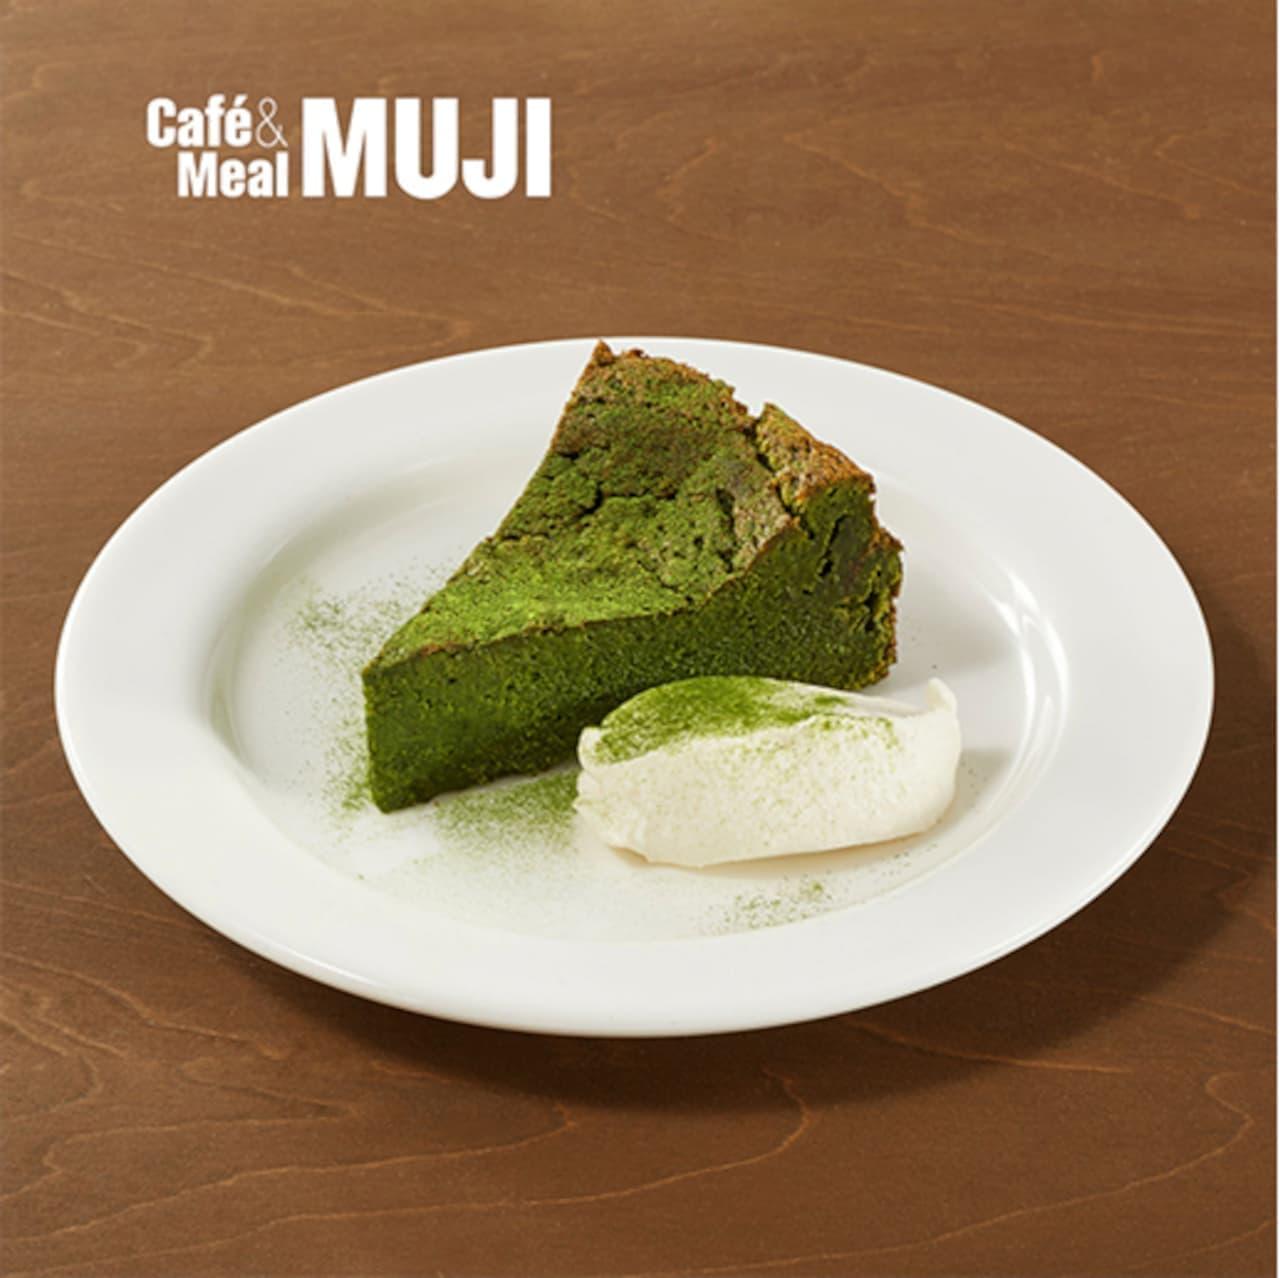 Cafe&Meal MUJI「抹茶のケーキ」